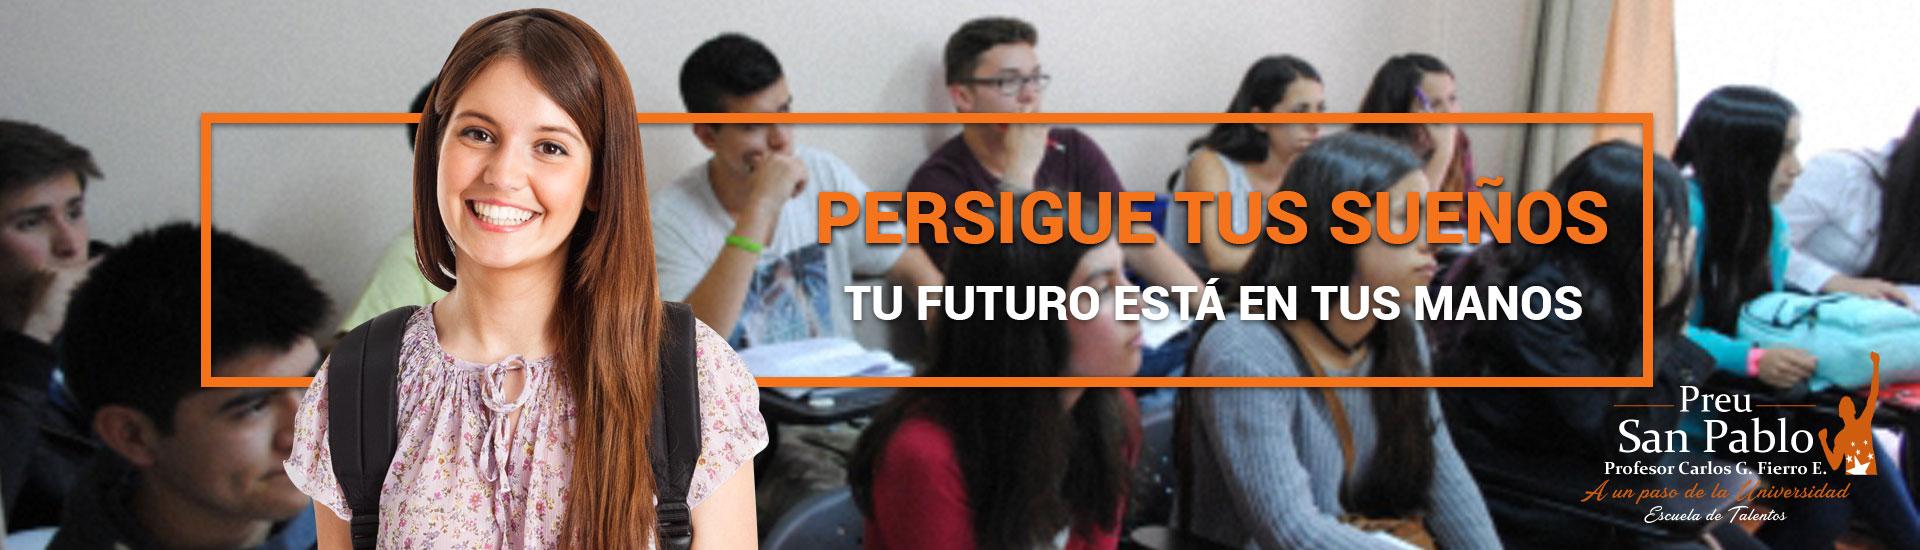 Preuniversitario en Concepción, Reforzamiento PSU | Preu San Pablo